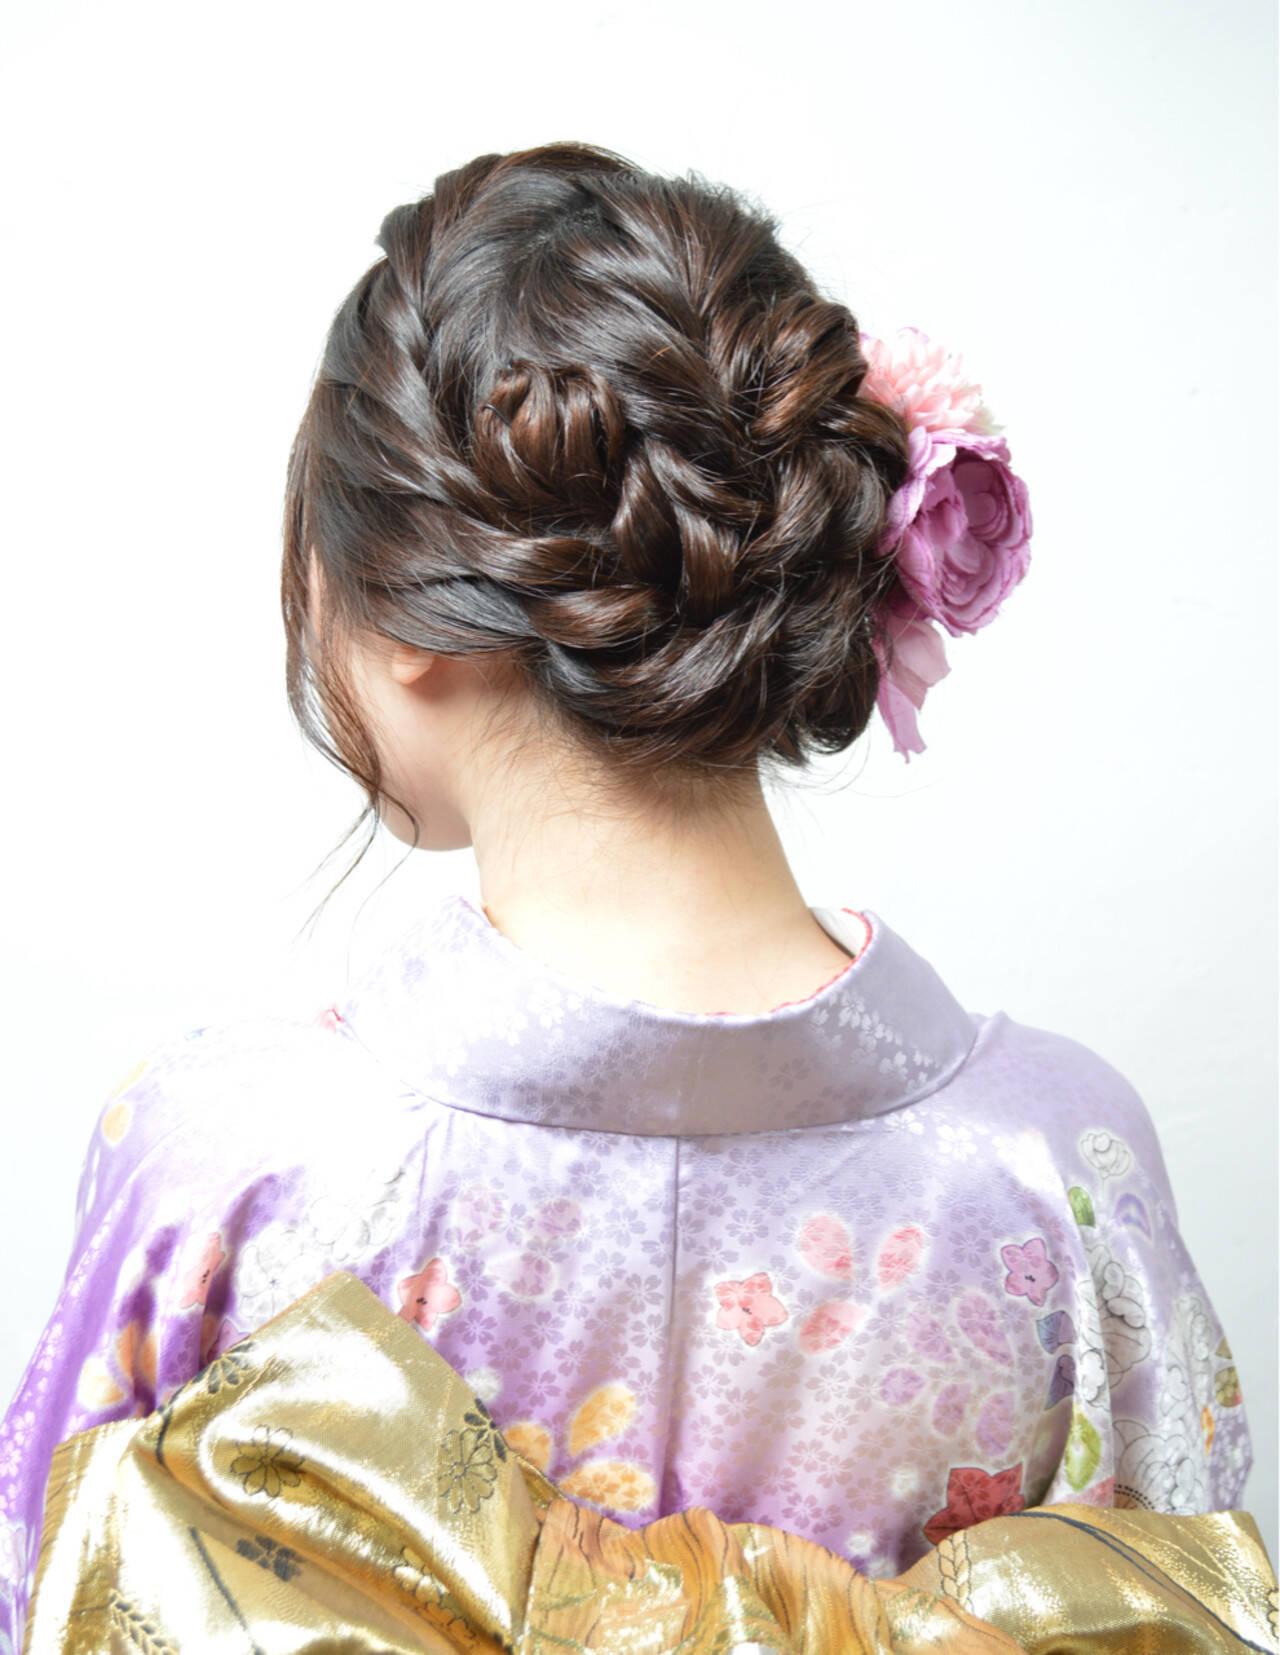 ヘアアレンジ ねじり アップスタイル ミディアムヘアスタイルや髪型の写真・画像